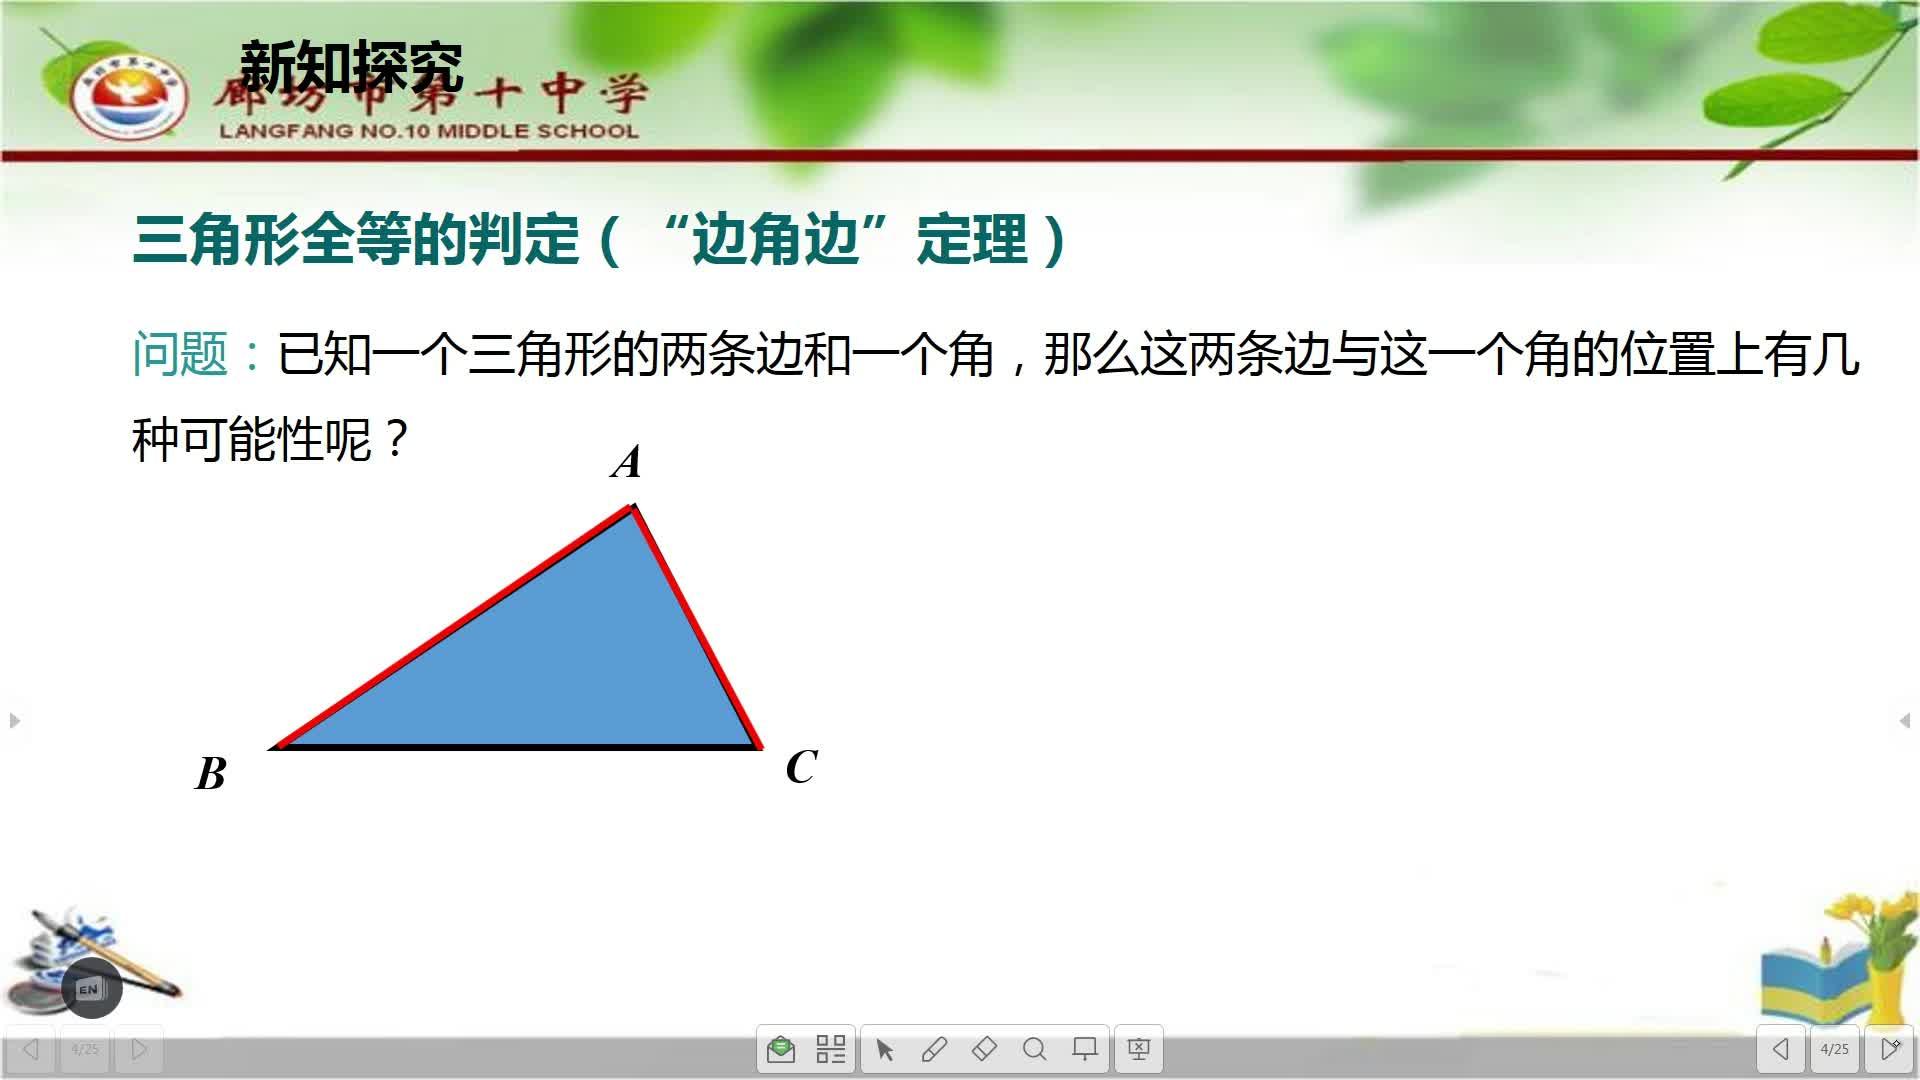 """【本视频仅允许在线观看,不支持下载】 用""""SAS""""判定三角形全等 教学目标 1.理解和掌握全等三角形判定方法2——""""SAS"""".理解满足""""SSA""""的两个三角形不一定全等. 2.能把证明一对角或线段相等的问题,转化为证明它们所在的两个三角形全等.  [来自e网通客户端]"""